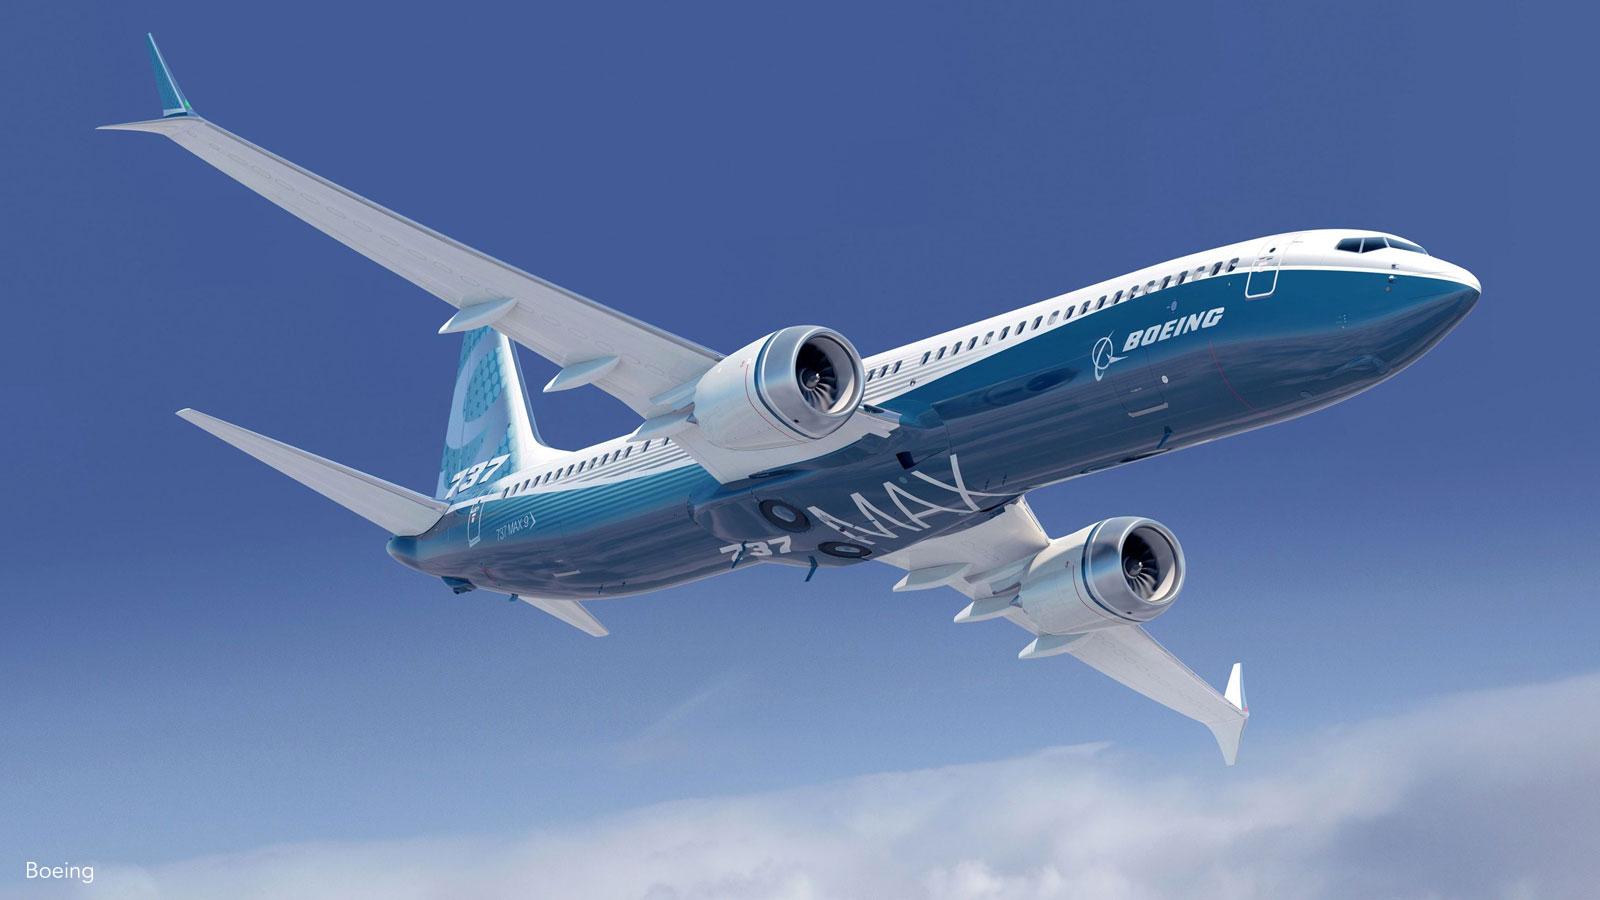 الخطوط الجوية الأمريكية تلغي رحلات بوينغ 737 ماكس